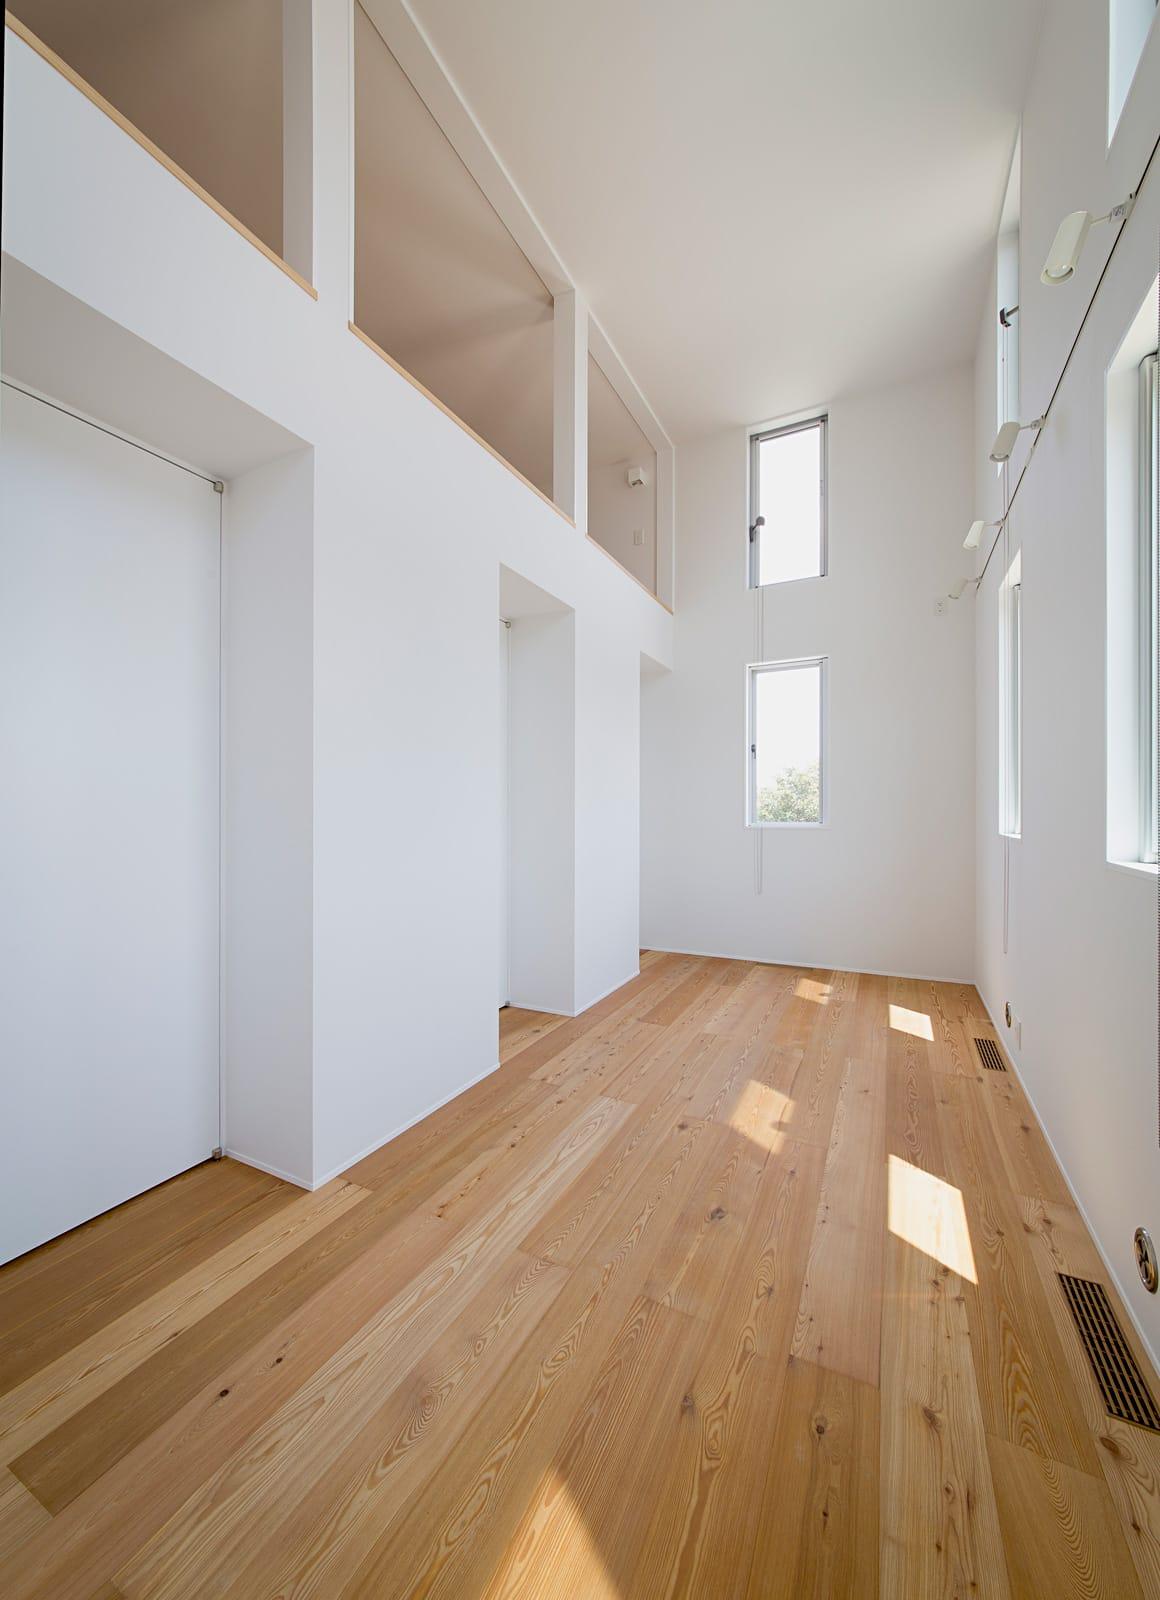 開放的なスキップフロア住宅の部屋1